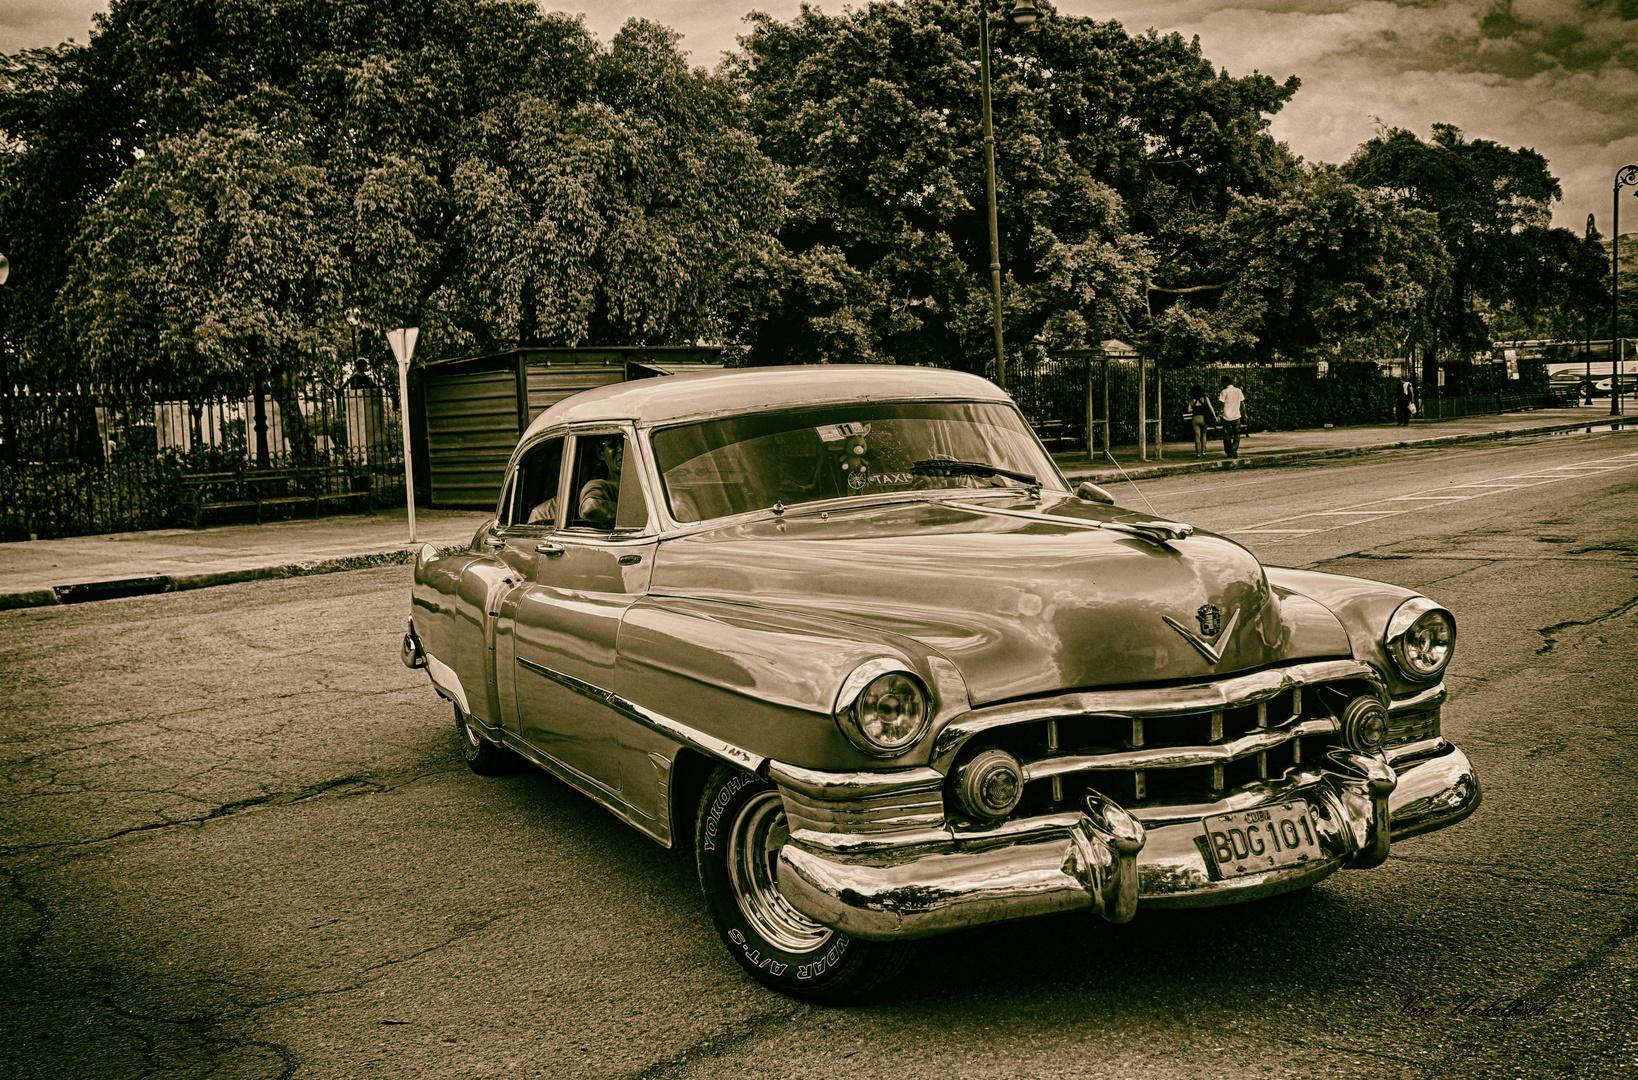 typisch cuba foto bild autos zweir der oldtimer youngtimer us cars amerikanische autos. Black Bedroom Furniture Sets. Home Design Ideas